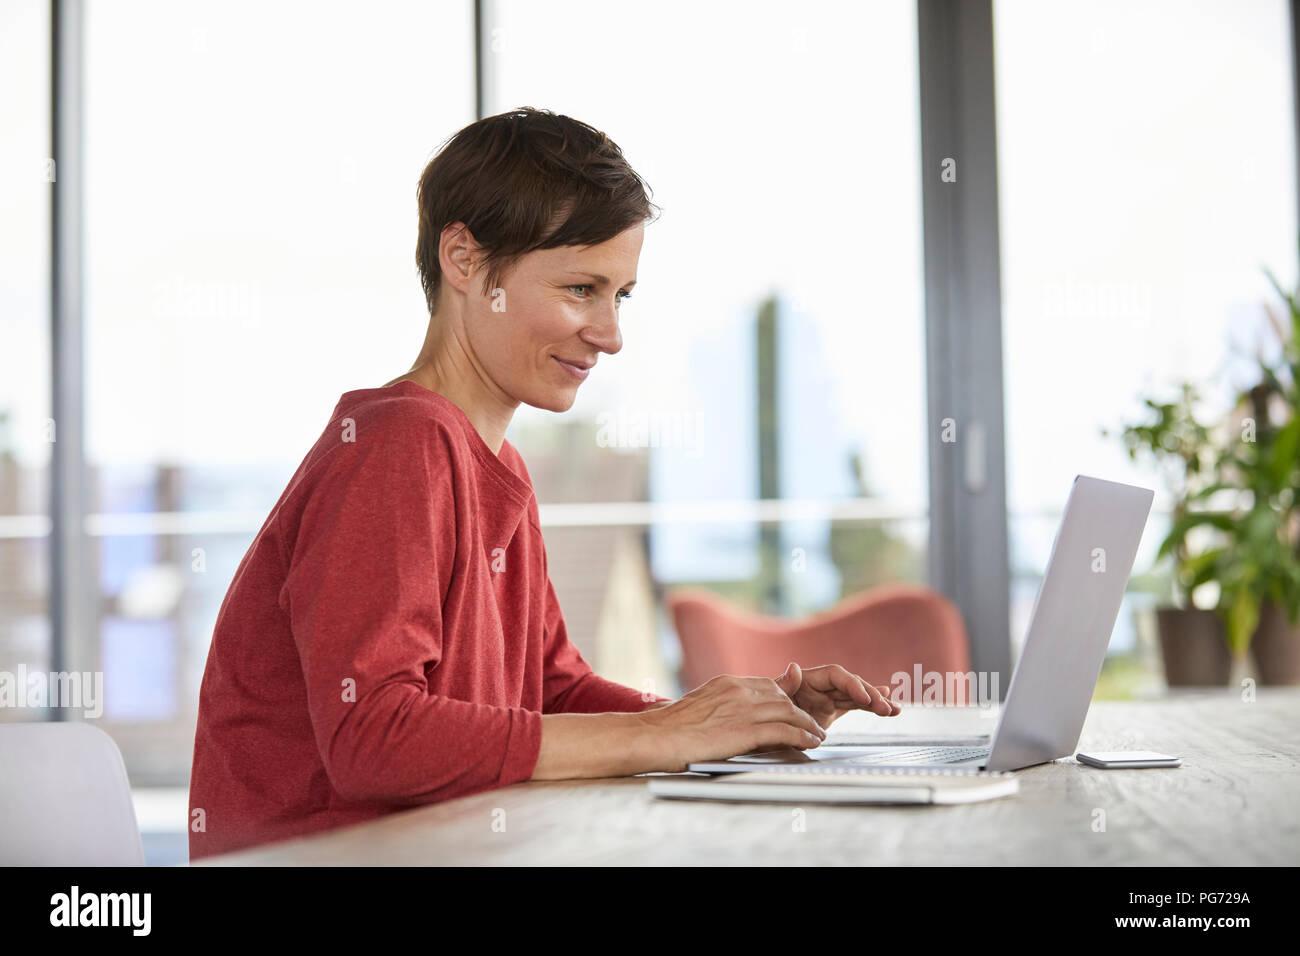 Mujer sonriente sentado a la mesa en casa utilizando el portátil Imagen De Stock